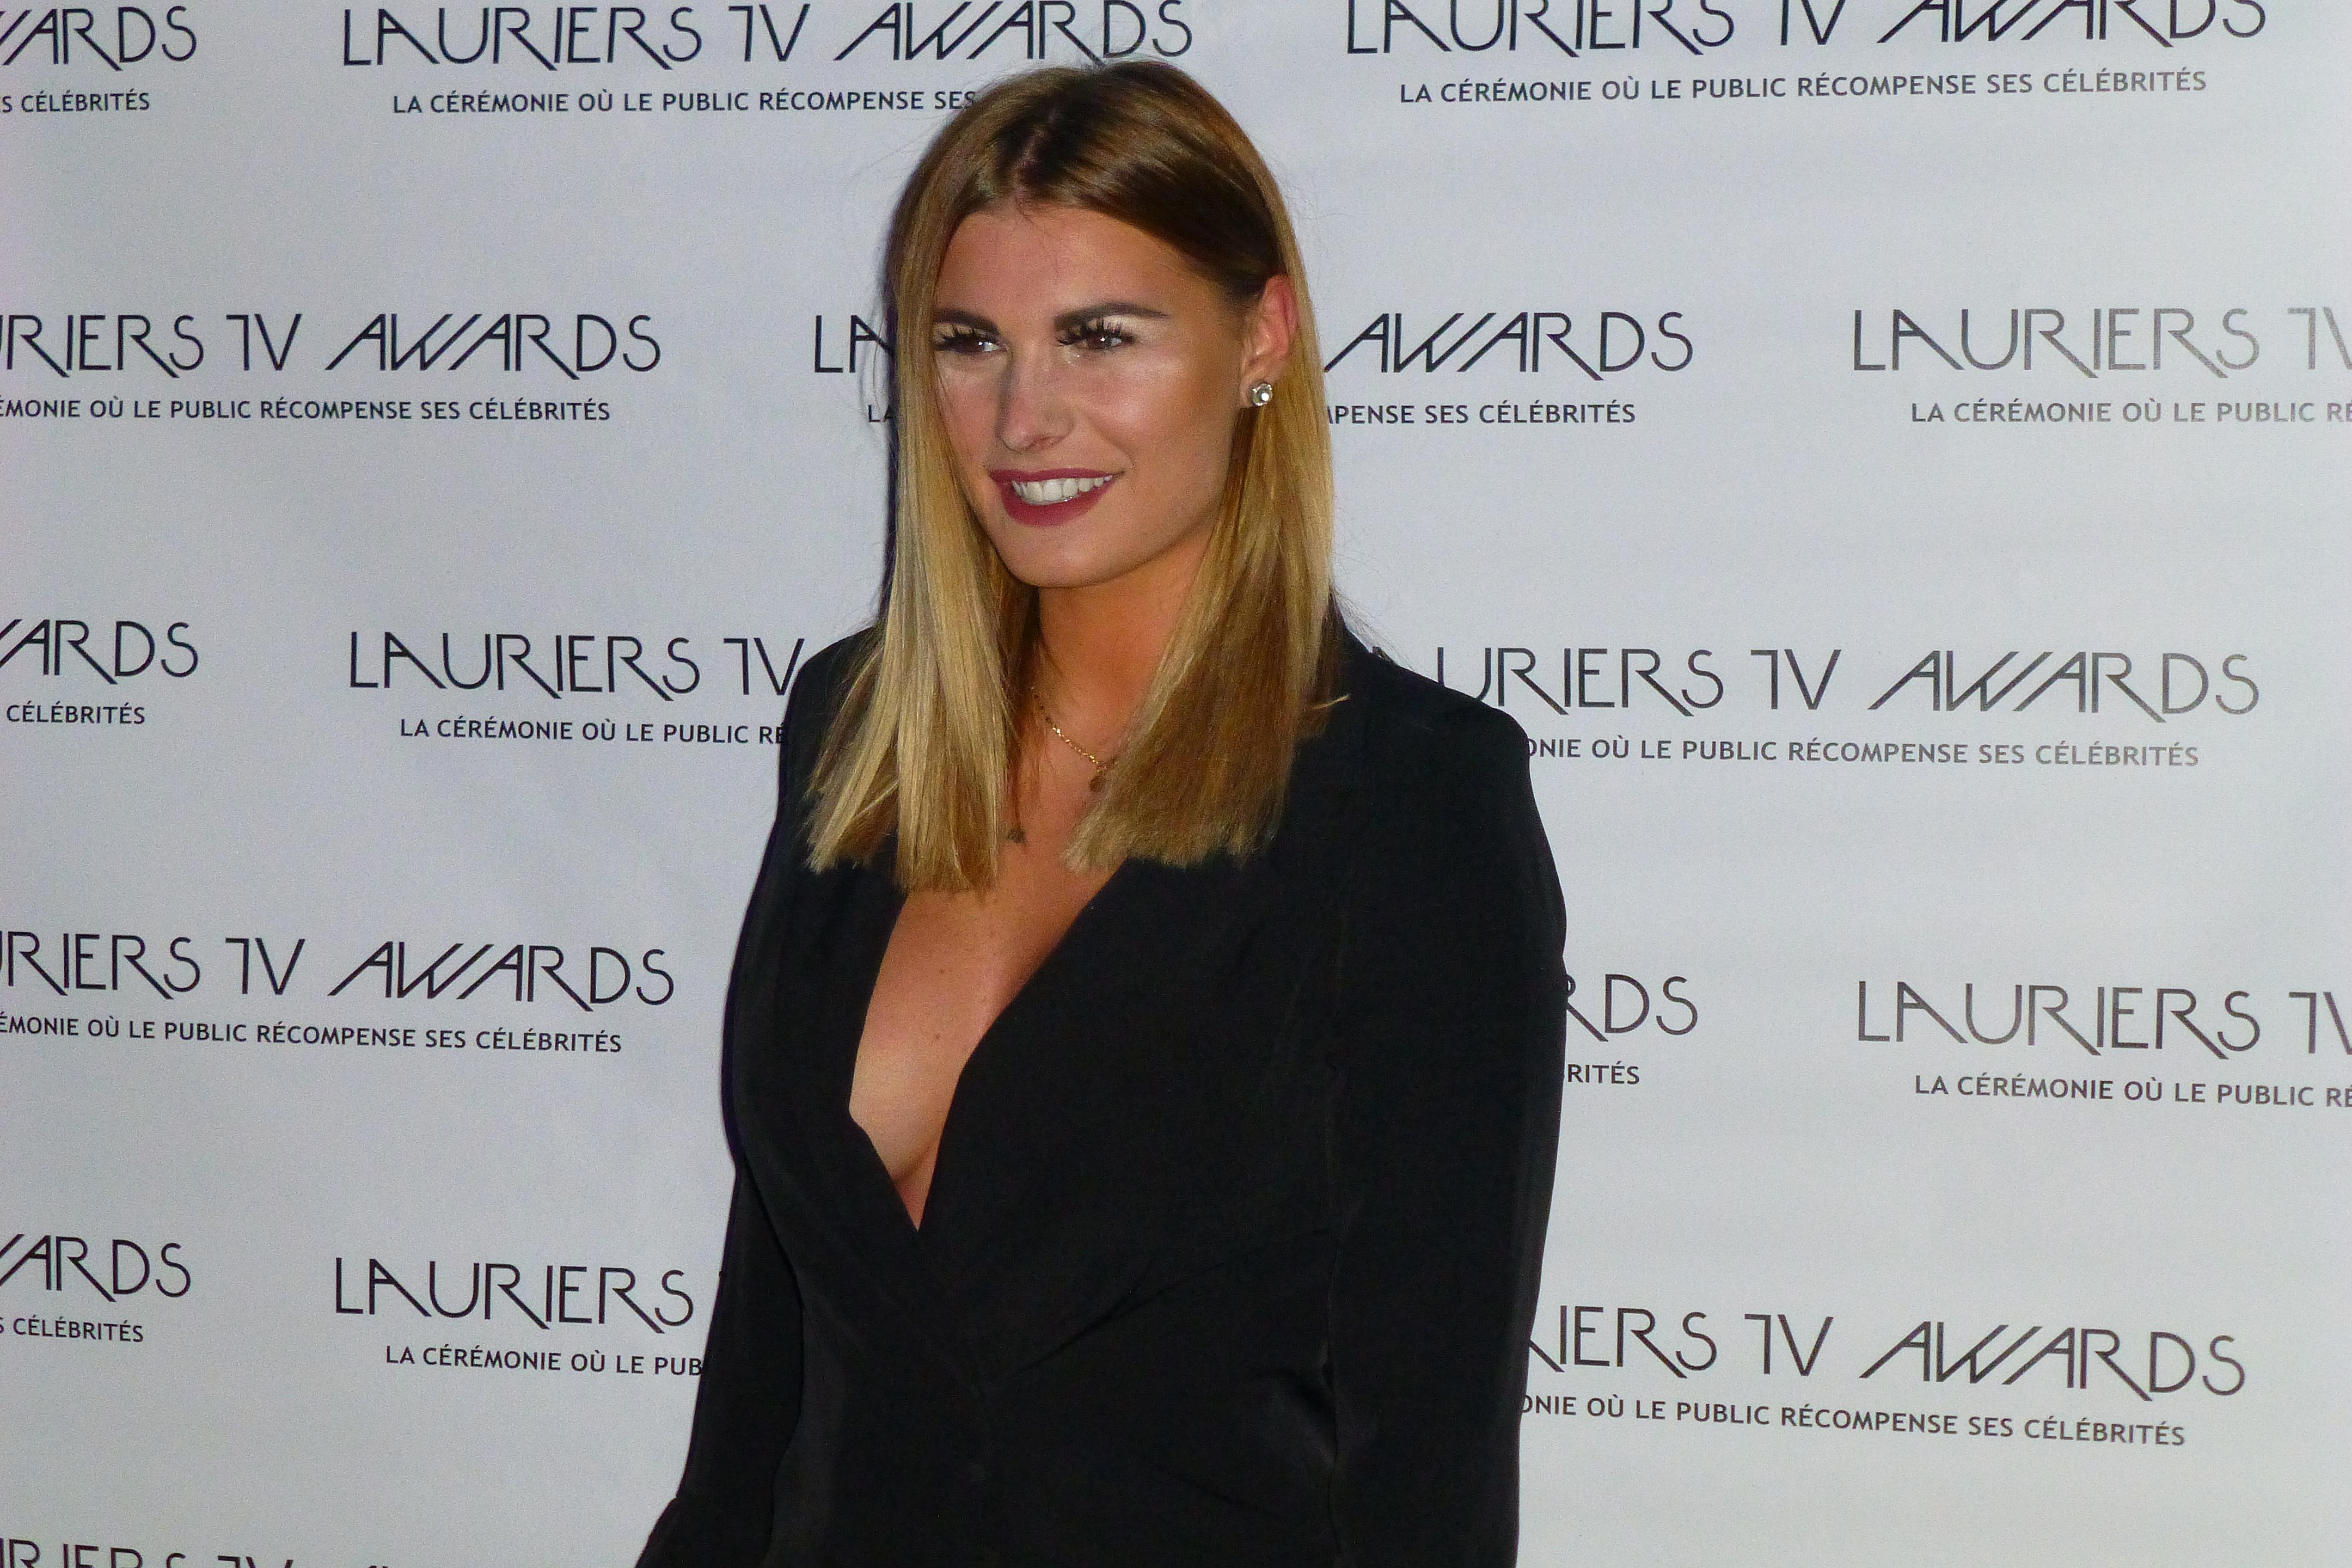 Lauriers TV Awards 2018 : Les 11 catégories et émissions en lice dévoilées !